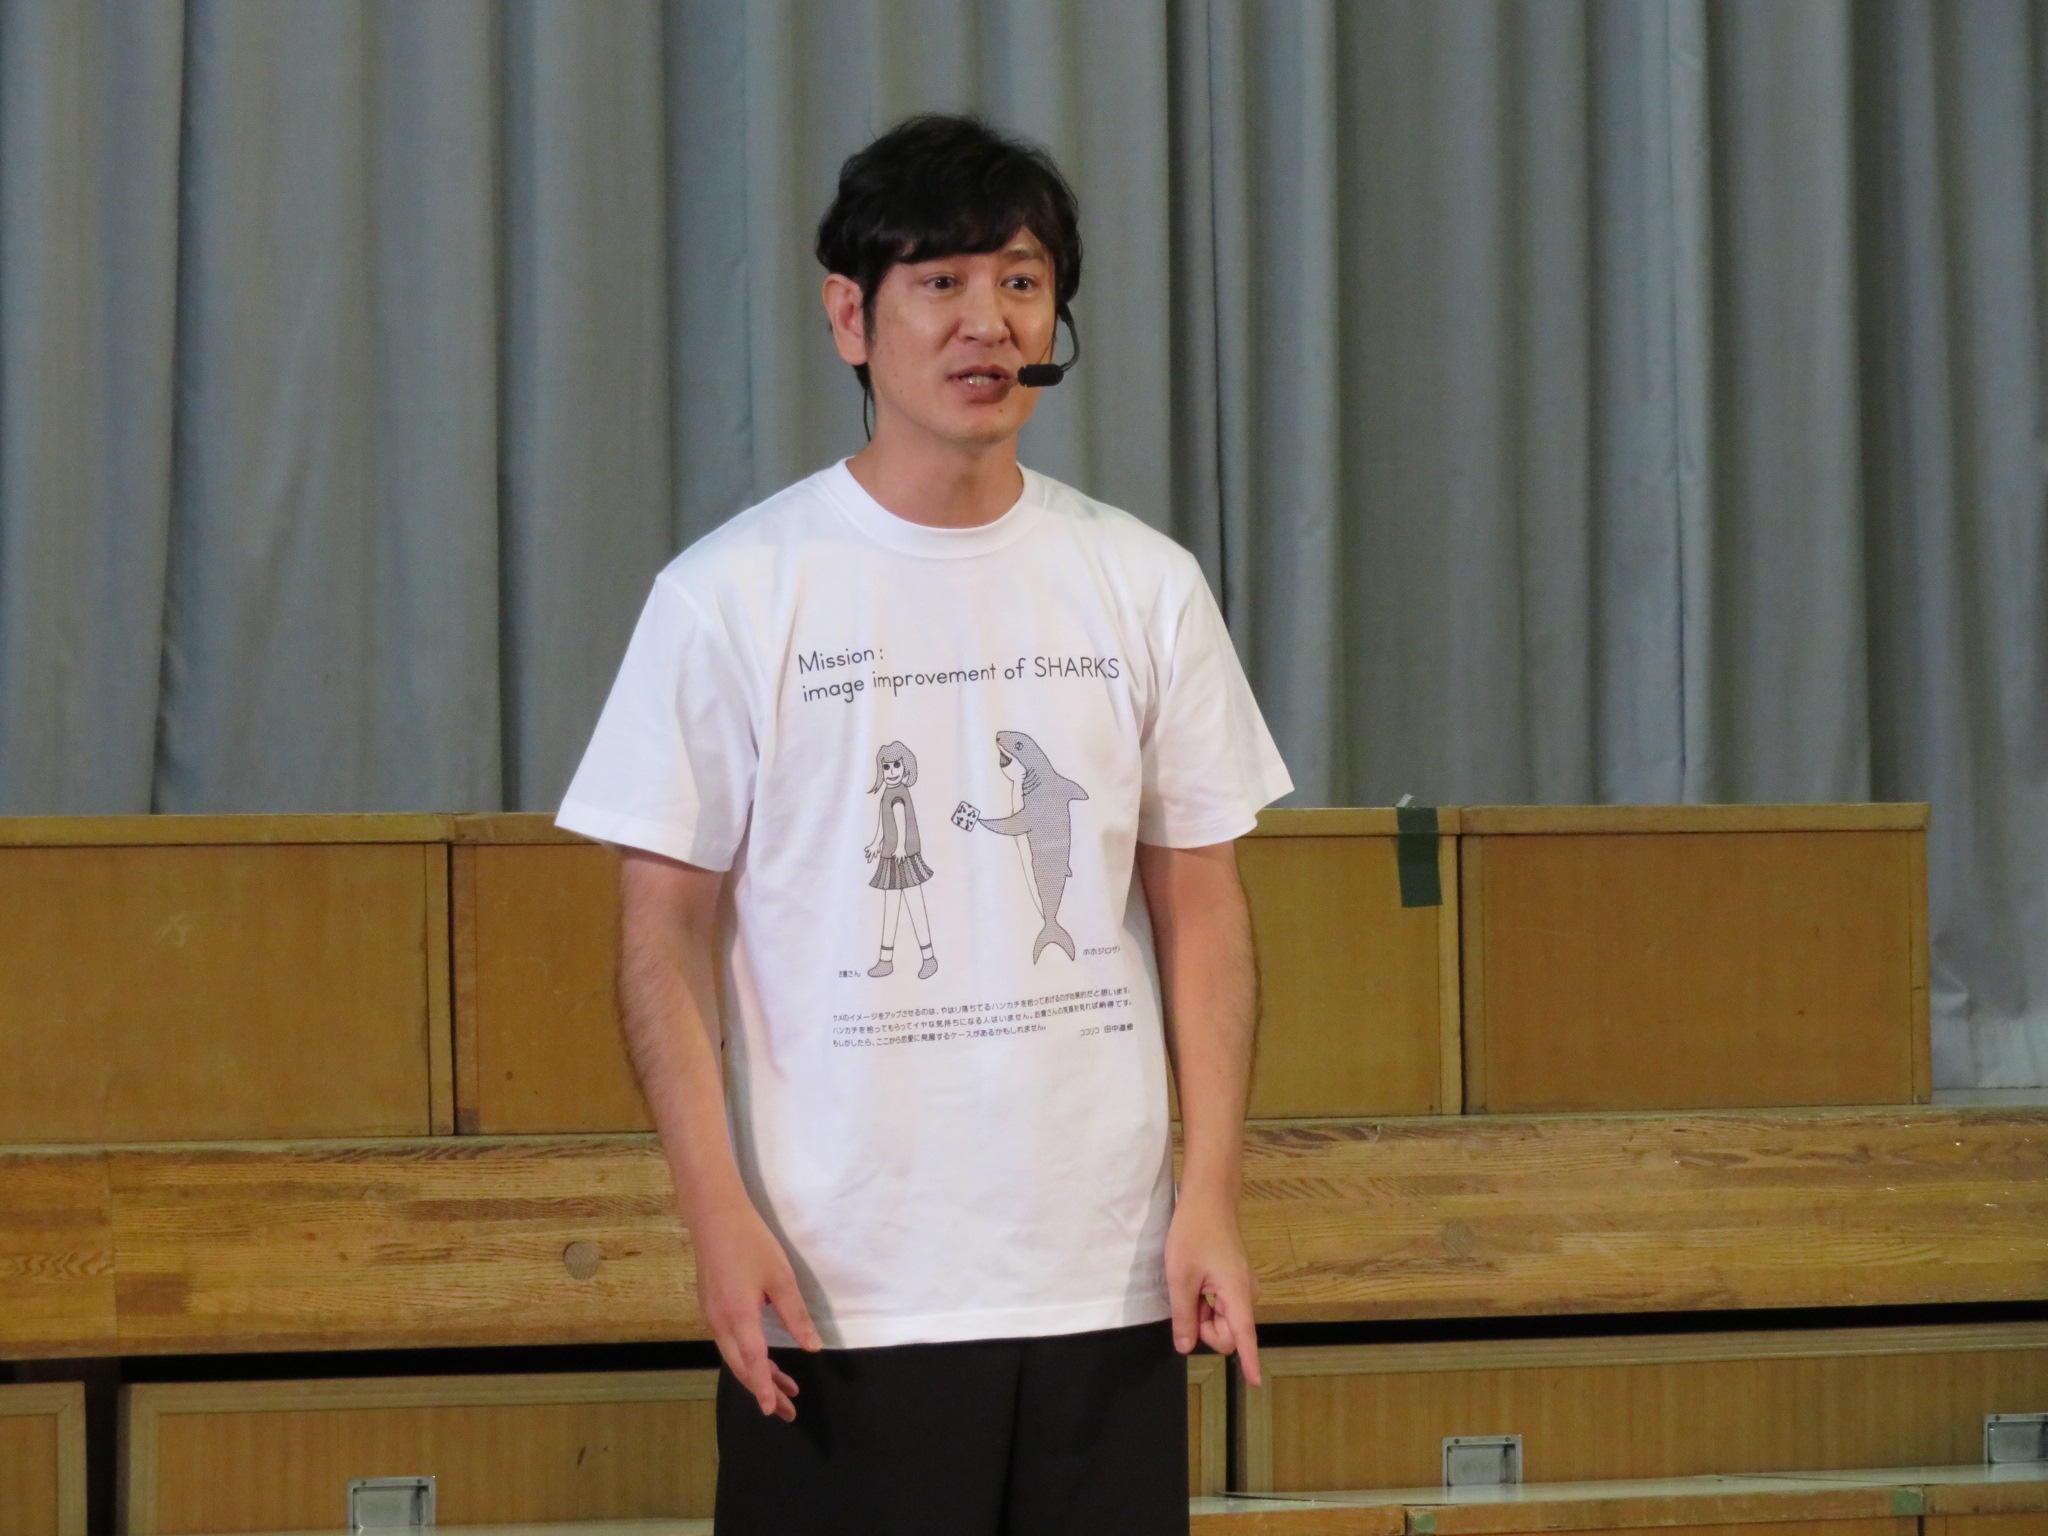 http://news.yoshimoto.co.jp/20181010022529-3cbb047e10cde45a40a89baed42381758607c788.jpg